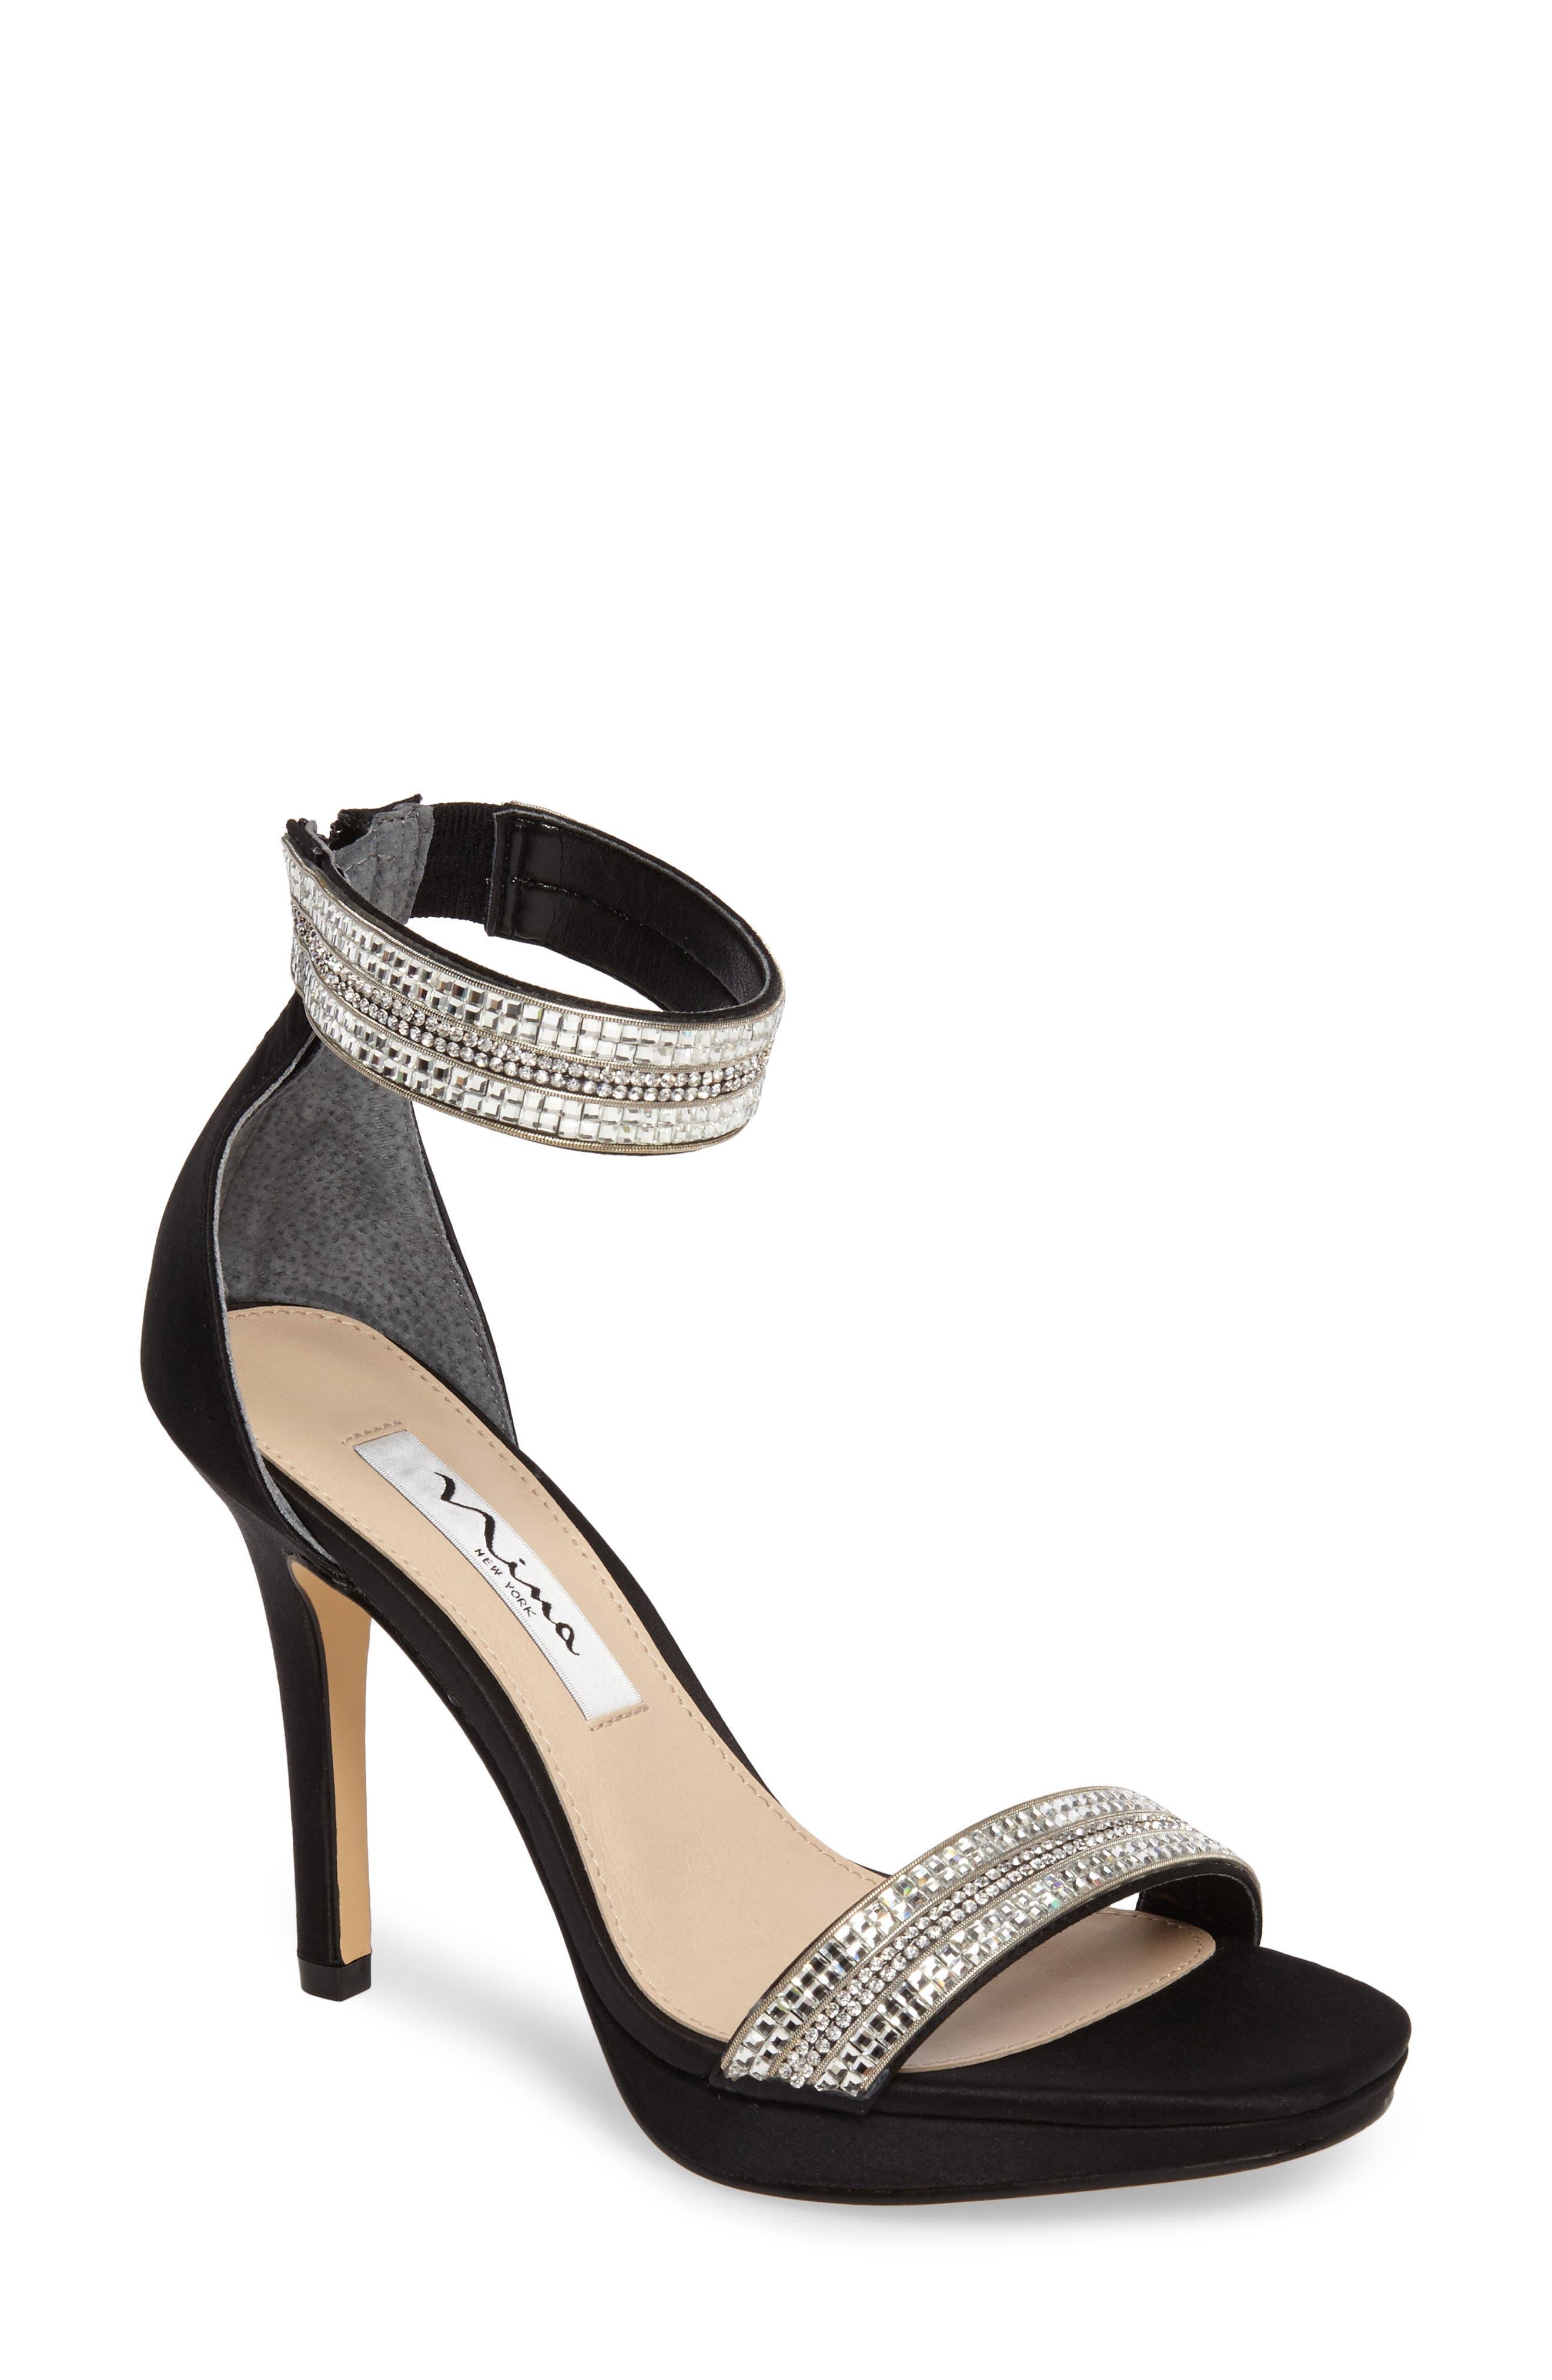 Aubrie Ankle Strap Sandal,                         Main,                         color,